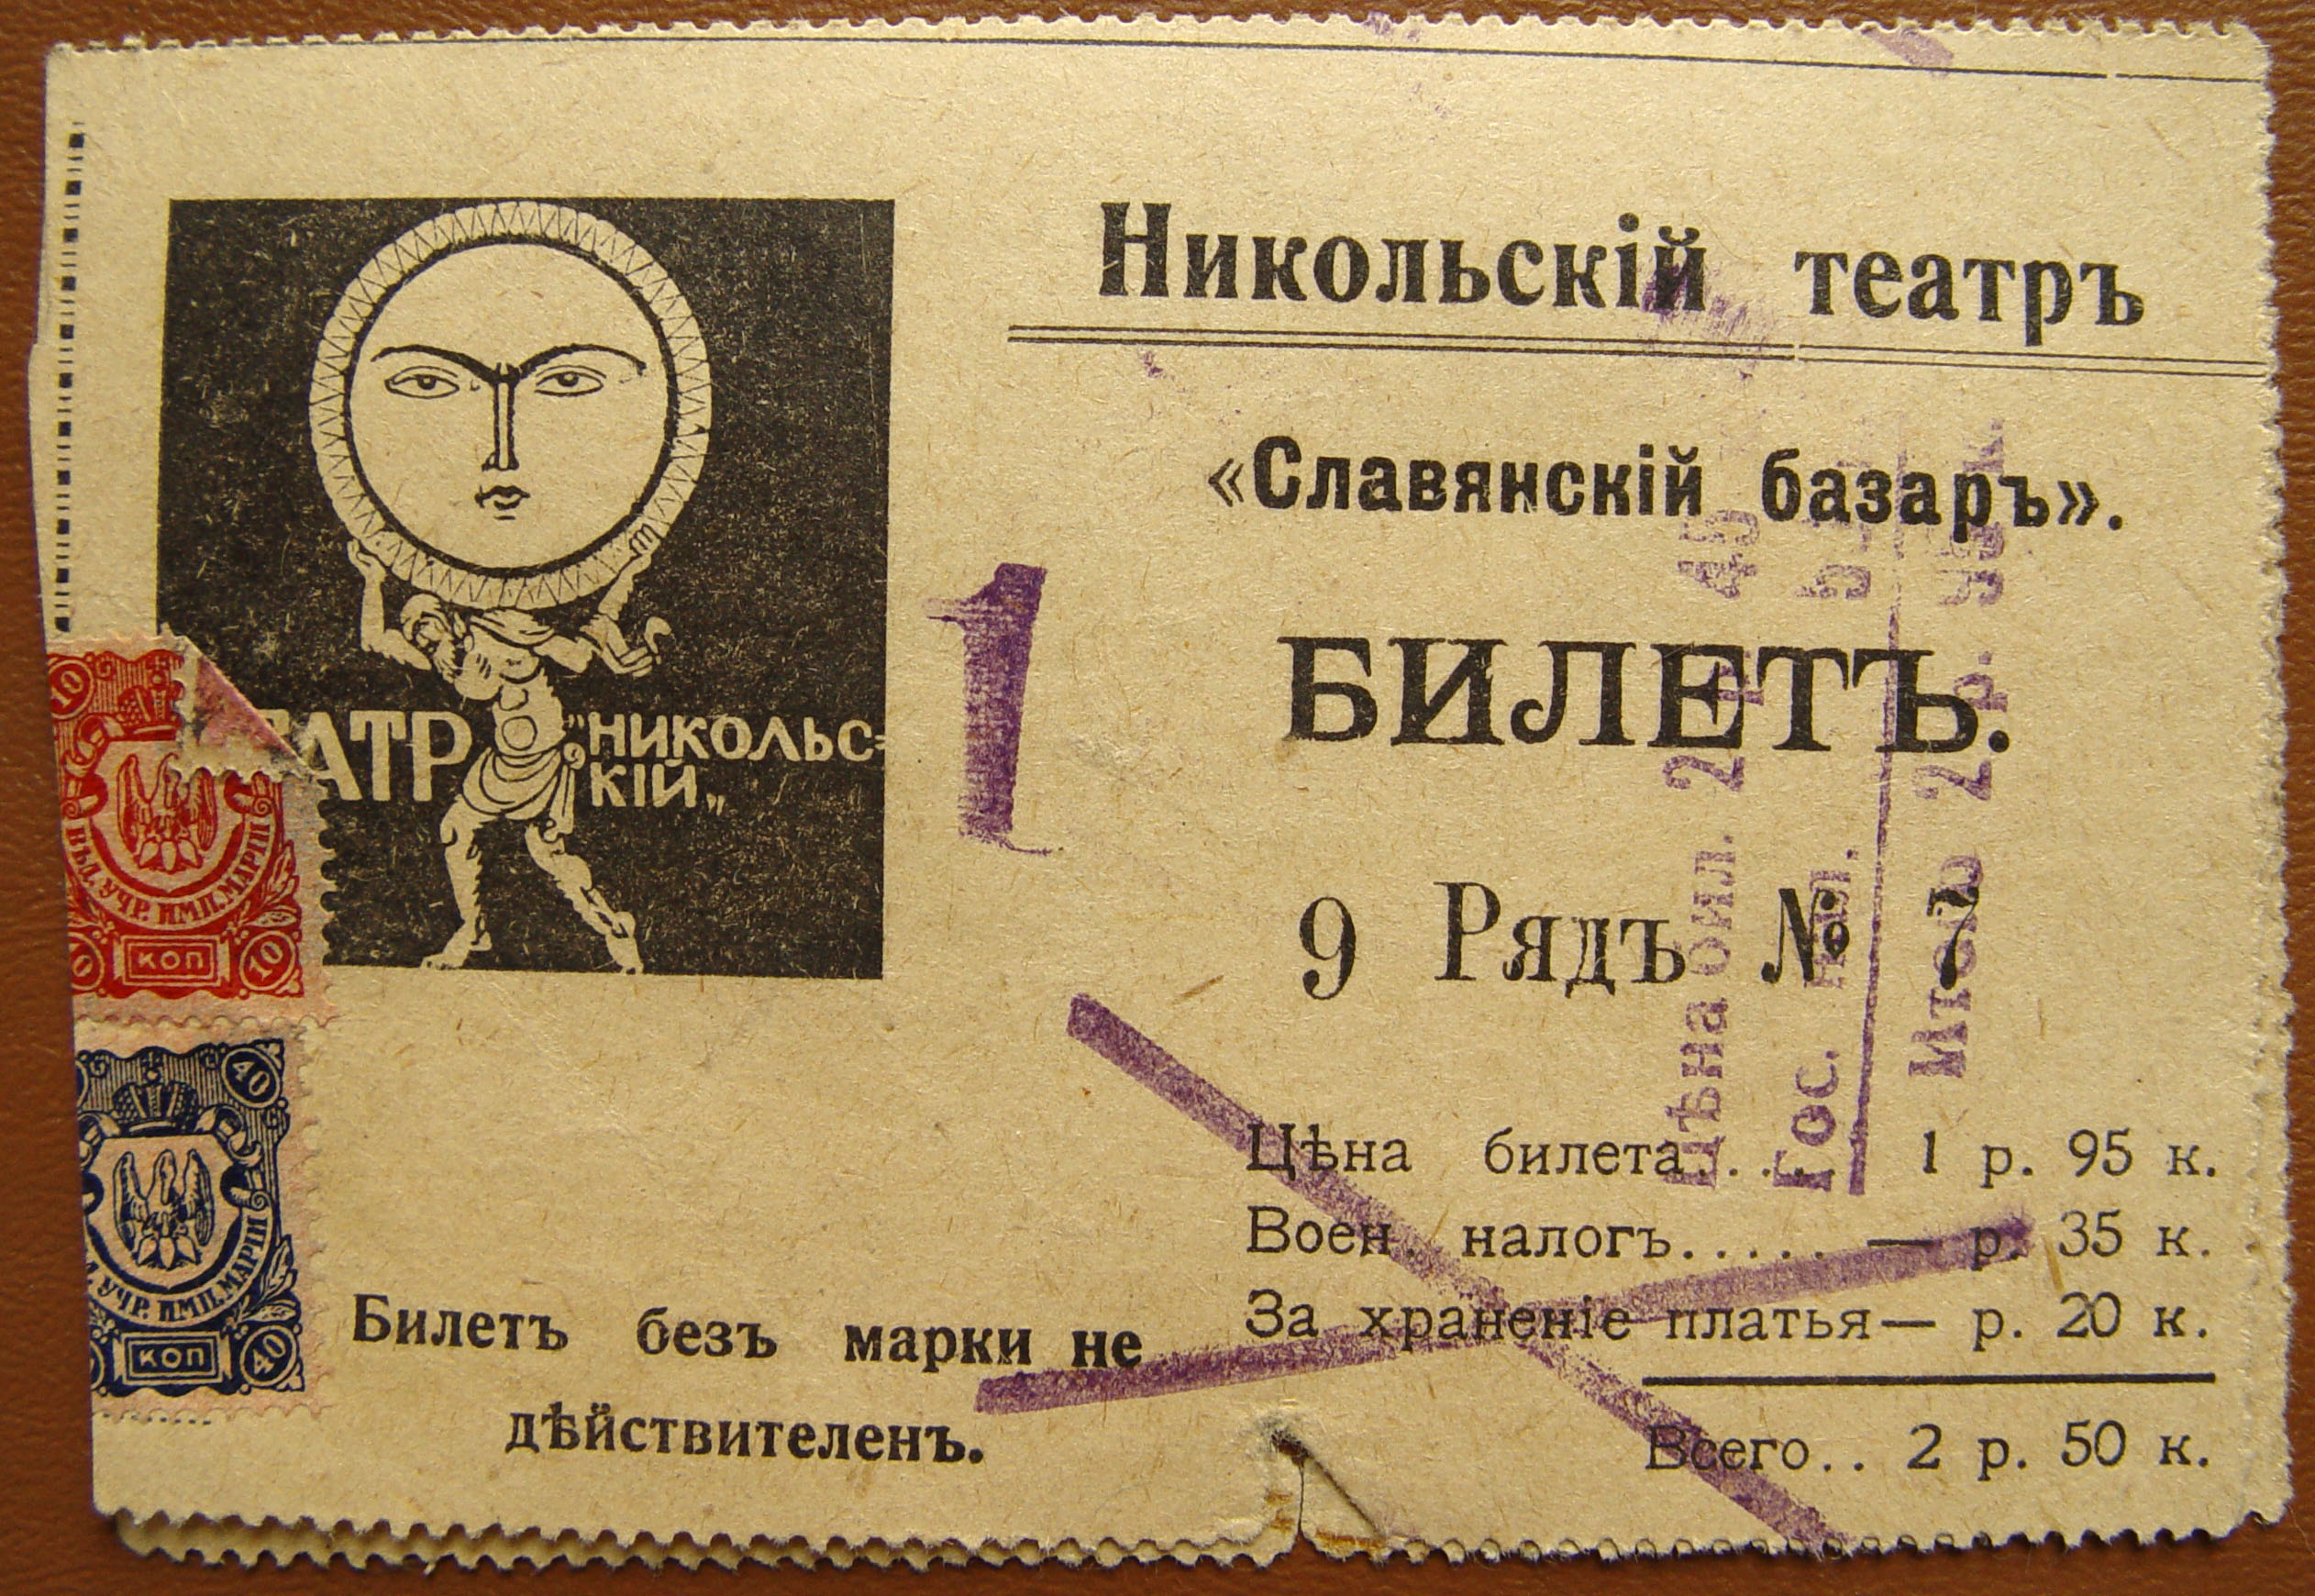 Никольский театр